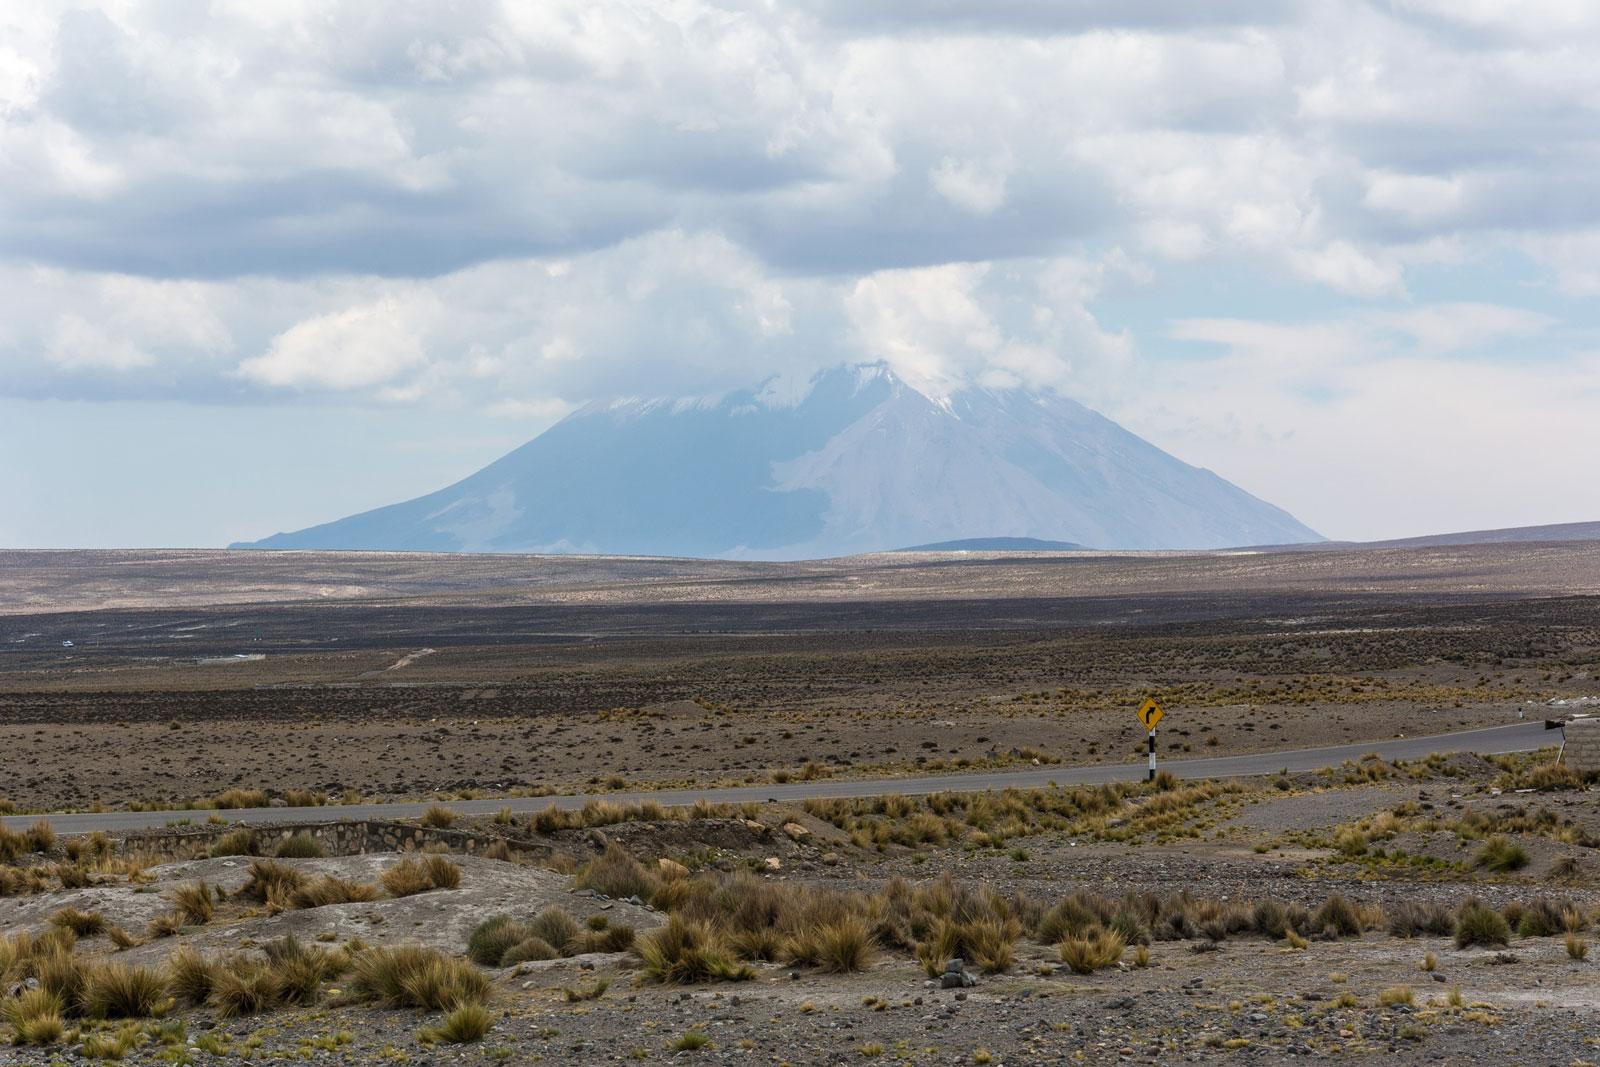 el misti volcan perou arequipa